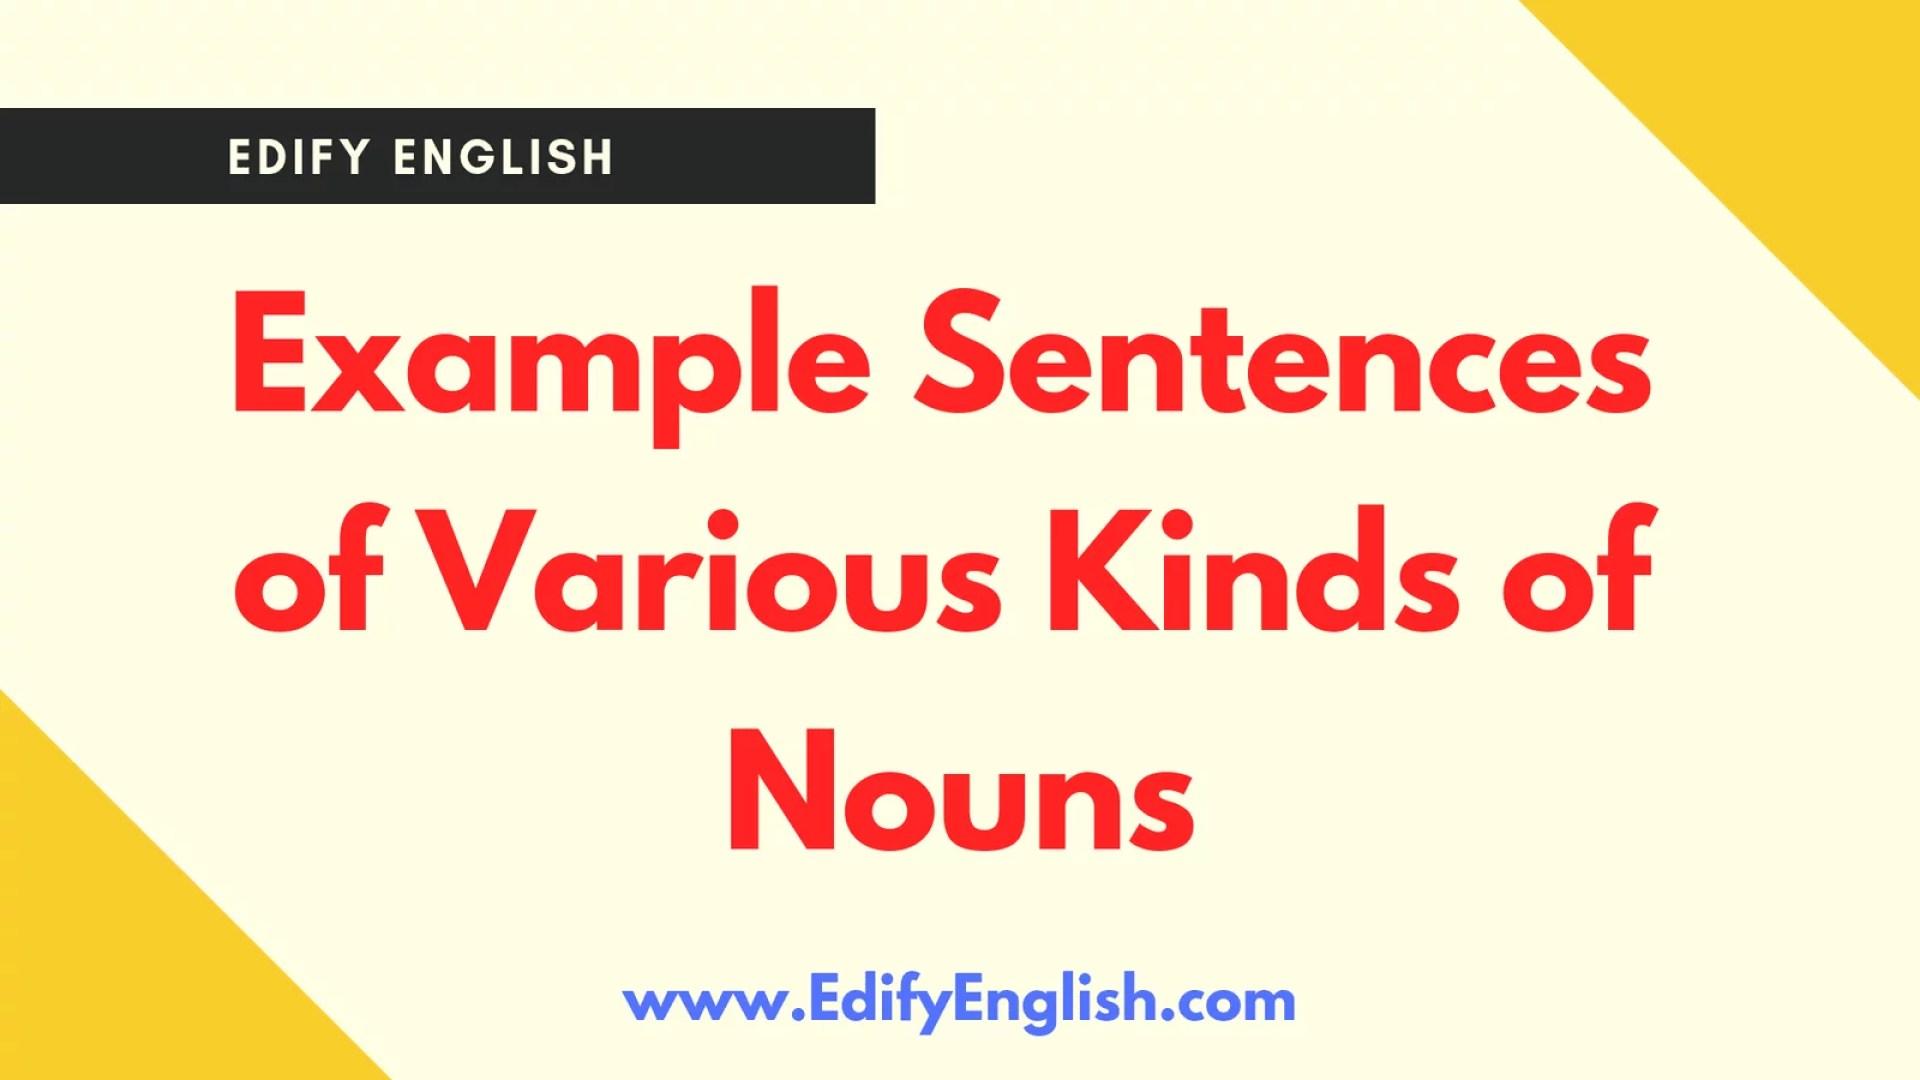 10 Examples of Noun Sentences Various Kinds